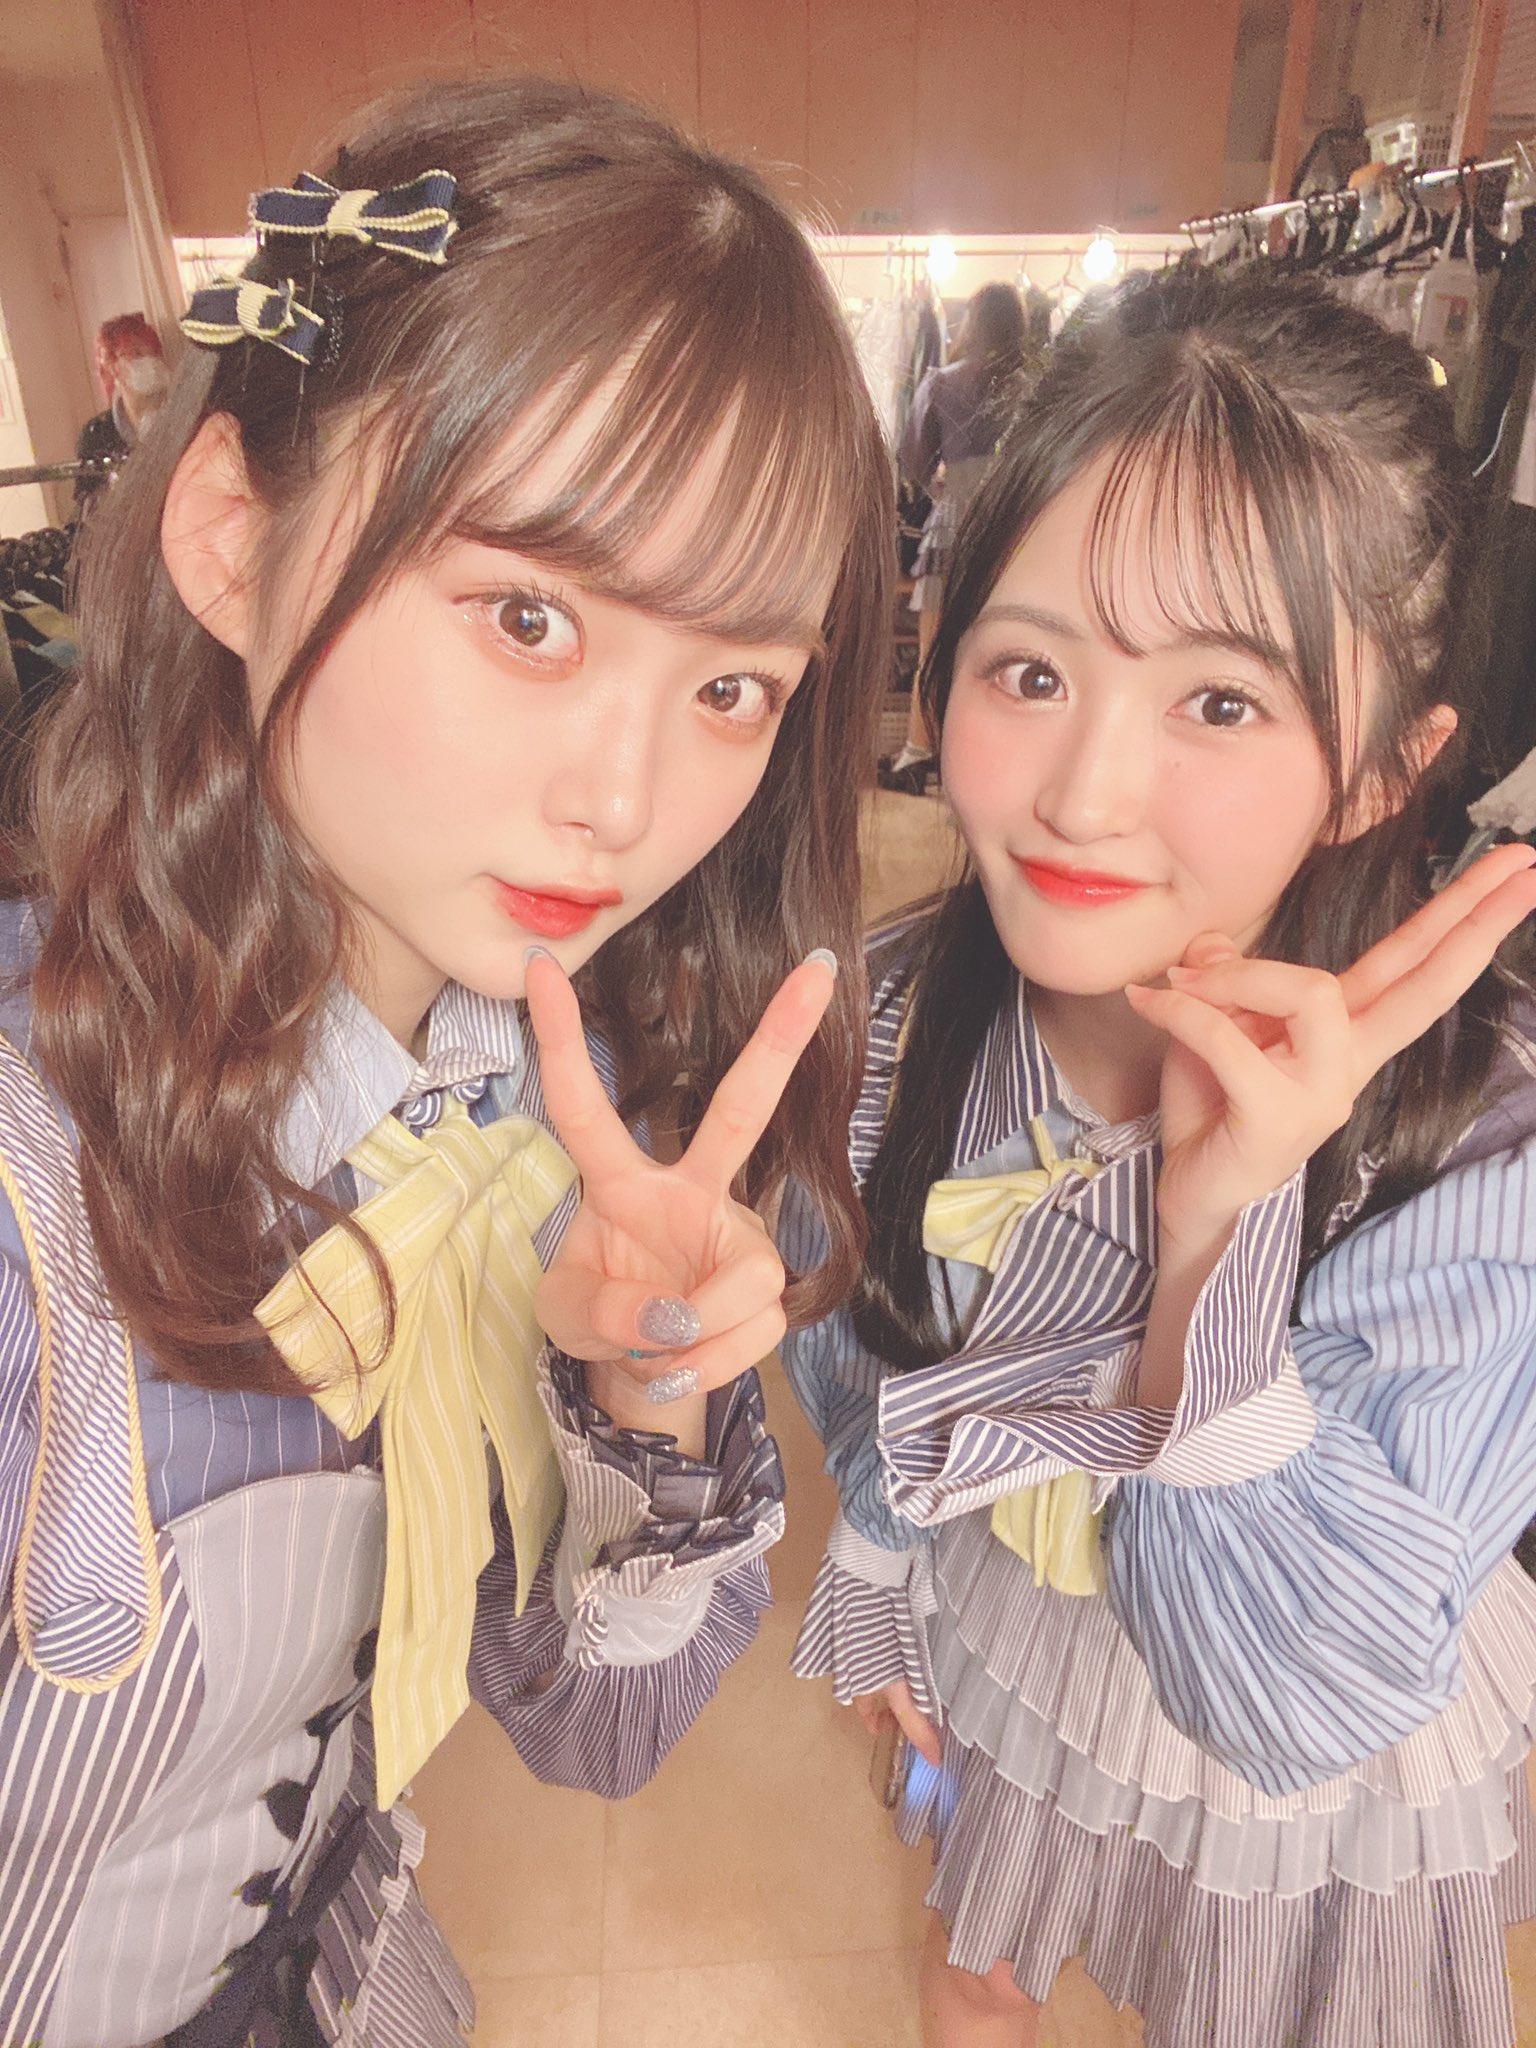 【悲報】AKB48達家真姫宝さん、ついに隣のメンバーまで歪曲させてしまう・・・